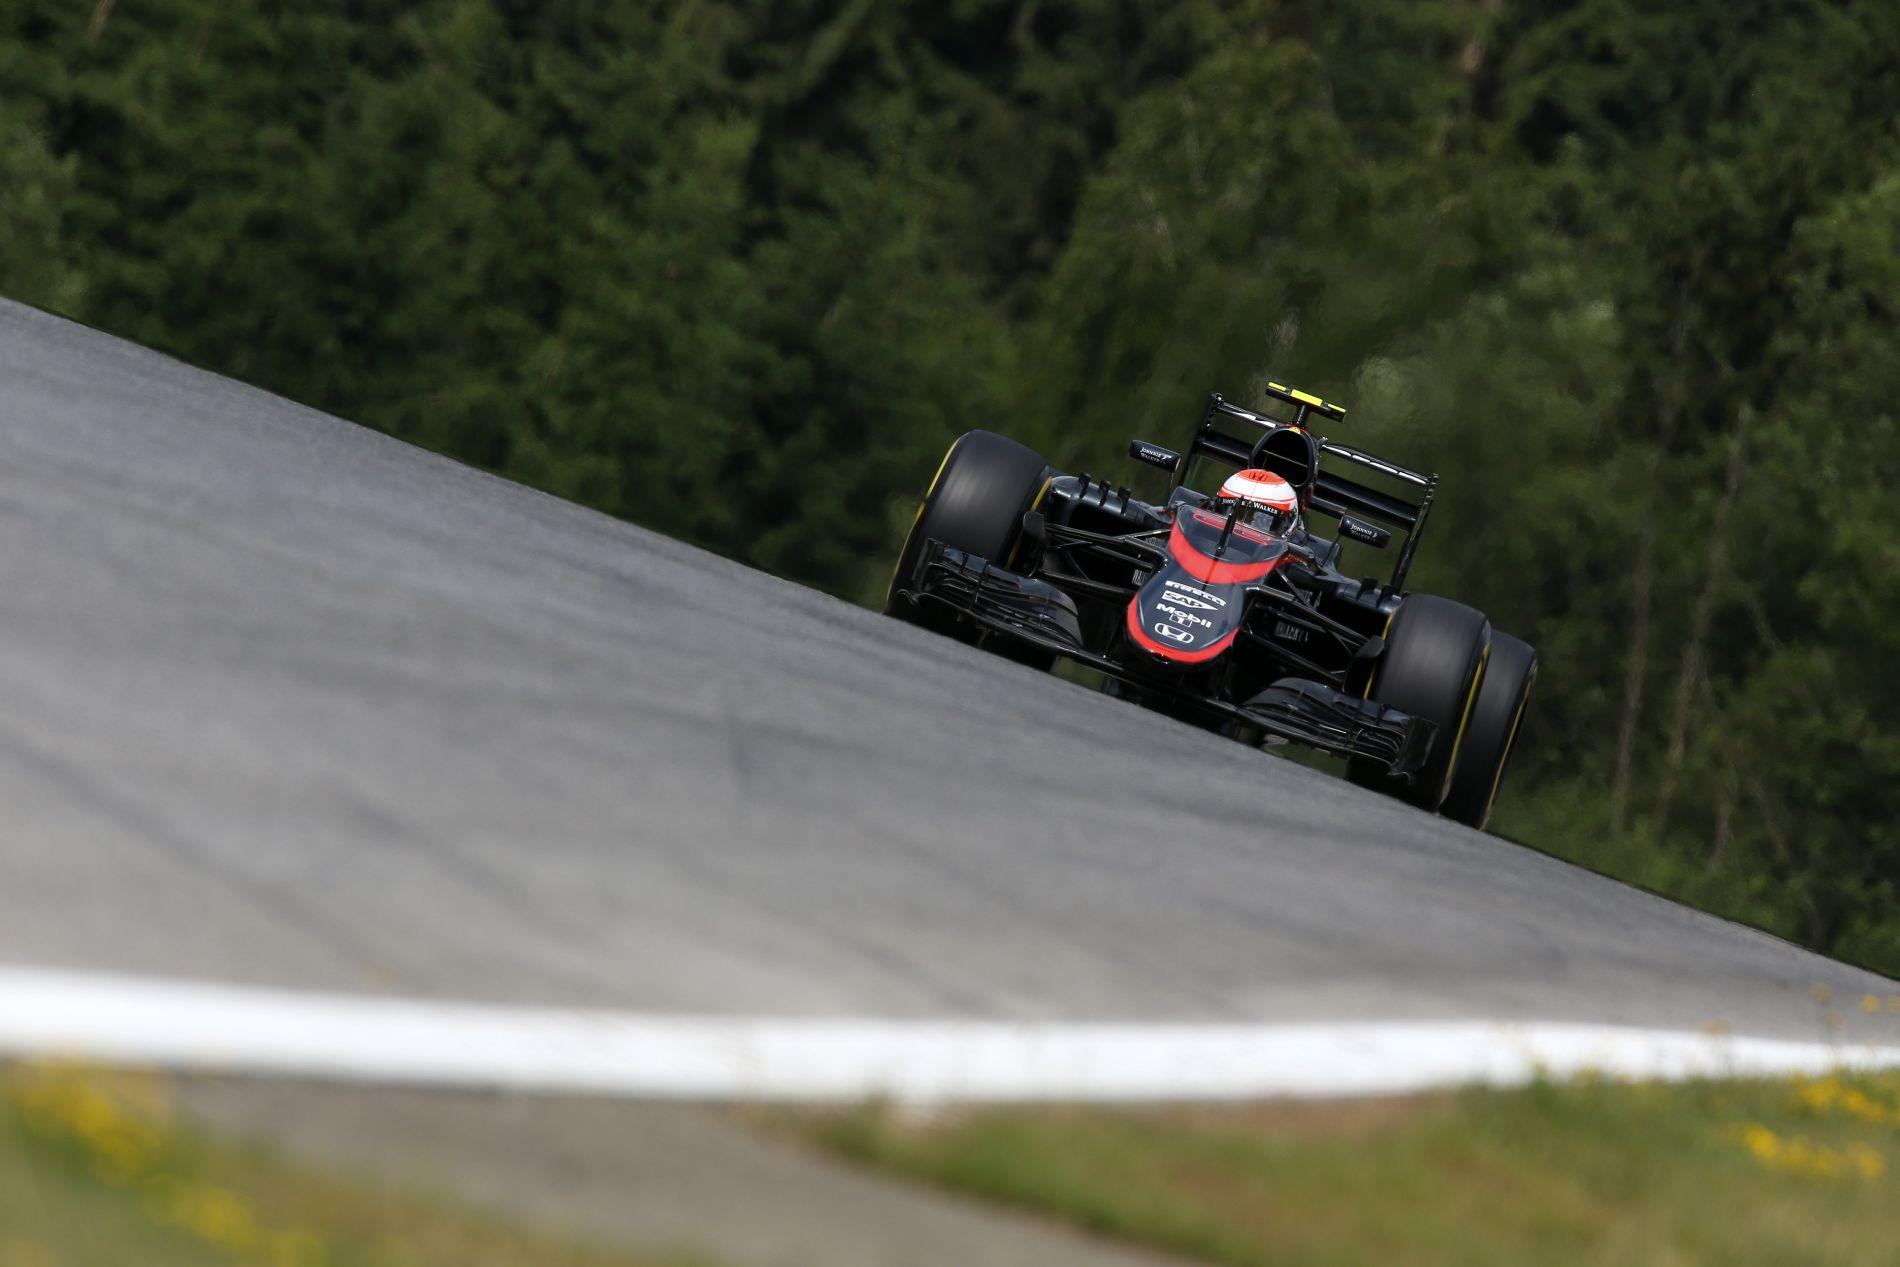 Idő előtt vége a McLaren edzésnapjának, várhatóan Button is kapja a rajtbüntetést